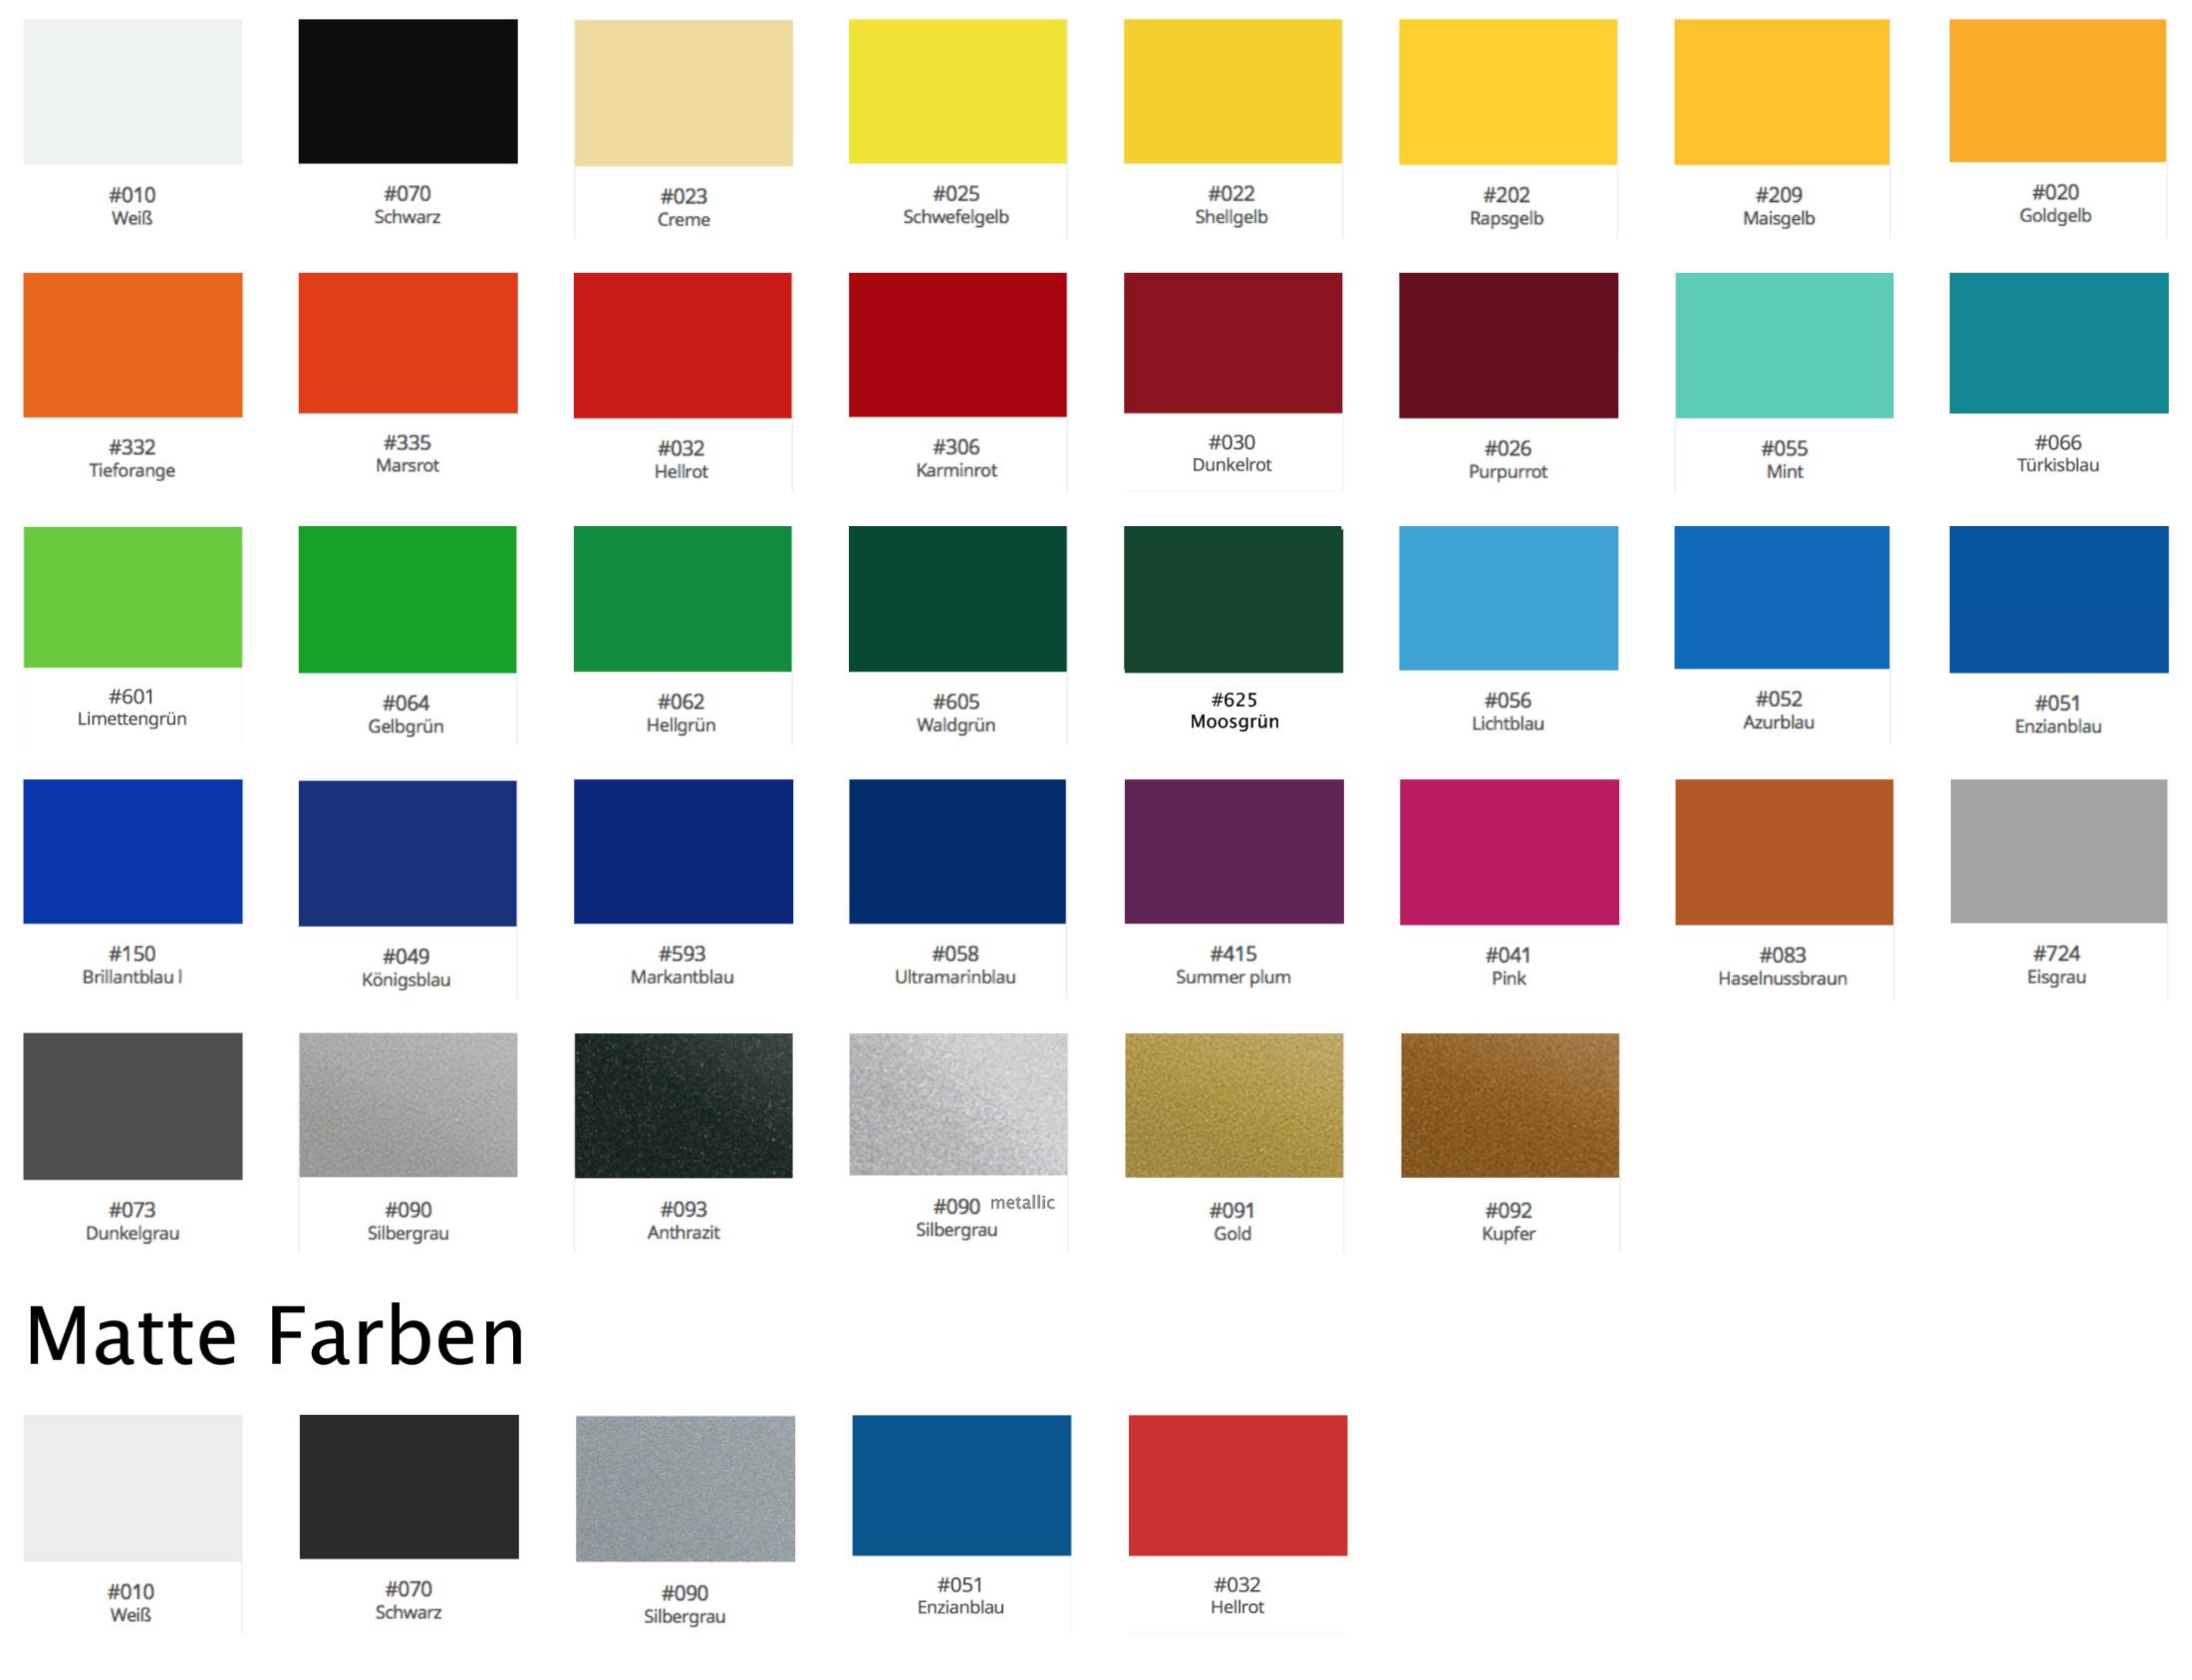 Hier kannst du die aktuell ständig vorrätigen Folienfarben sehen, welche im Onlineshop von meinsticker.com immer bestellbar sind. Wunschfarbe nicht dabei? Sende uns einfach eine kurze Nachricht - wir liefern deinen Aufkleber in jeder Farbe, versprochen!